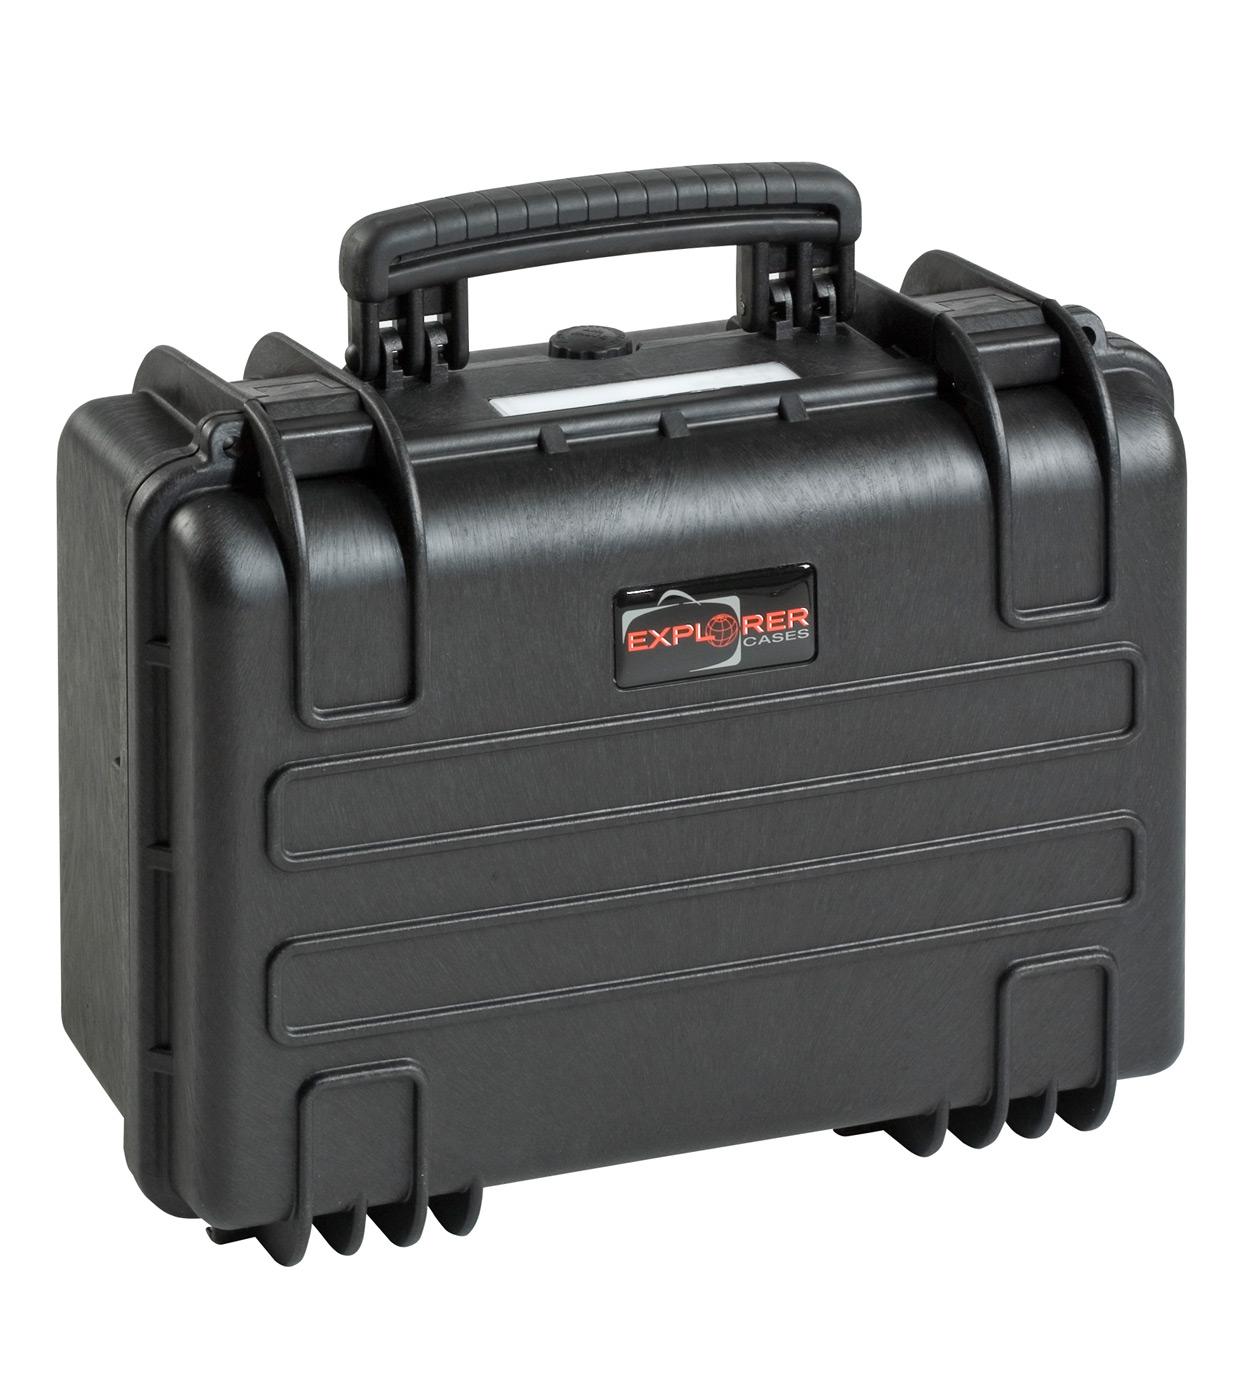 Куфар за експедиции Explorer 3818.B.E - Explorer cases